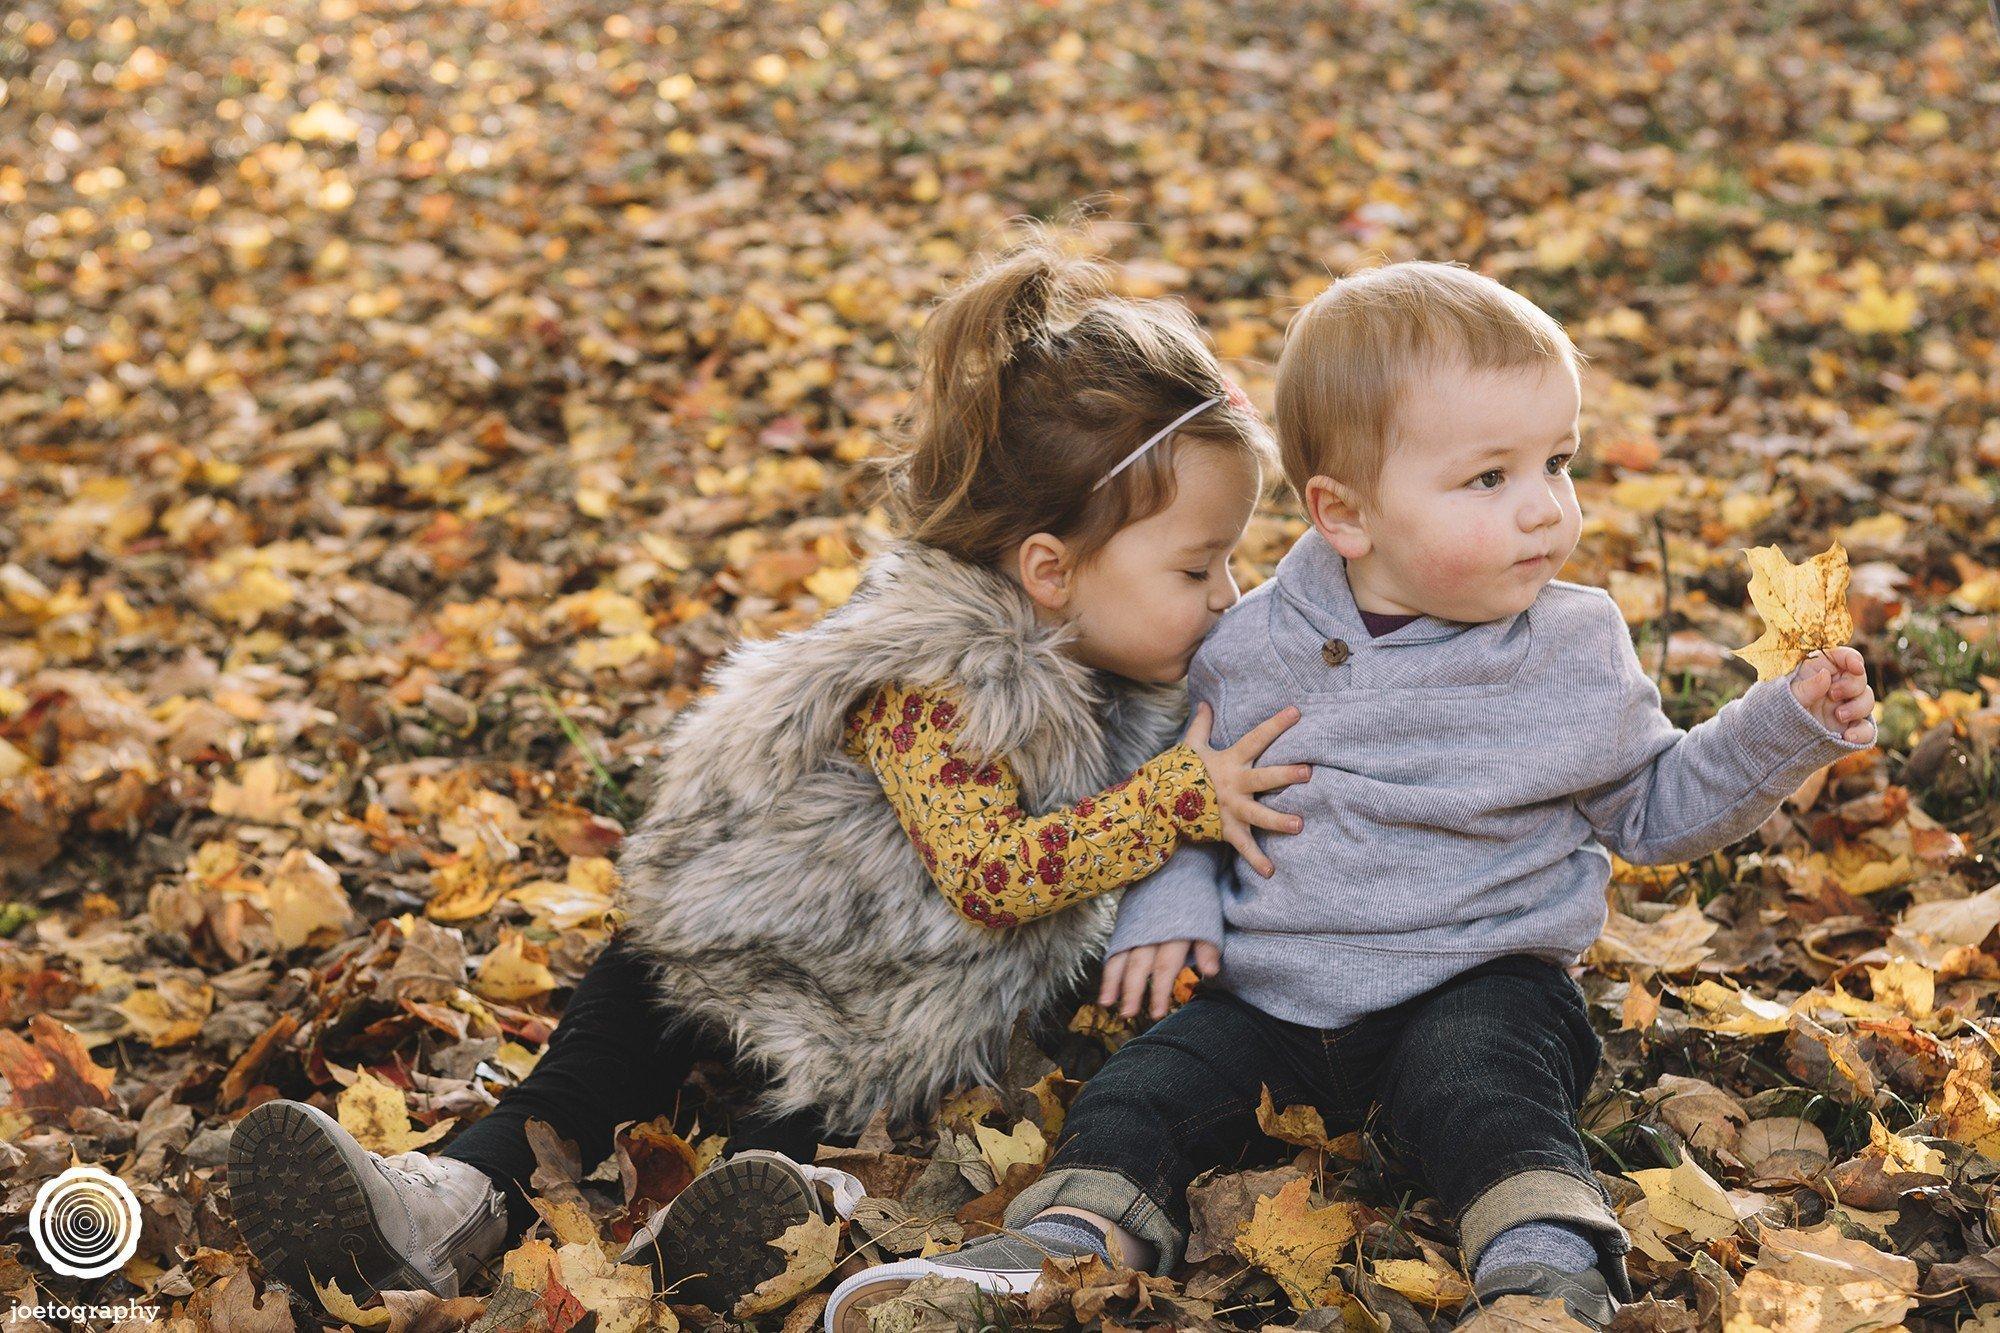 Ruetz Family Photo Session   Holliday Park - 8